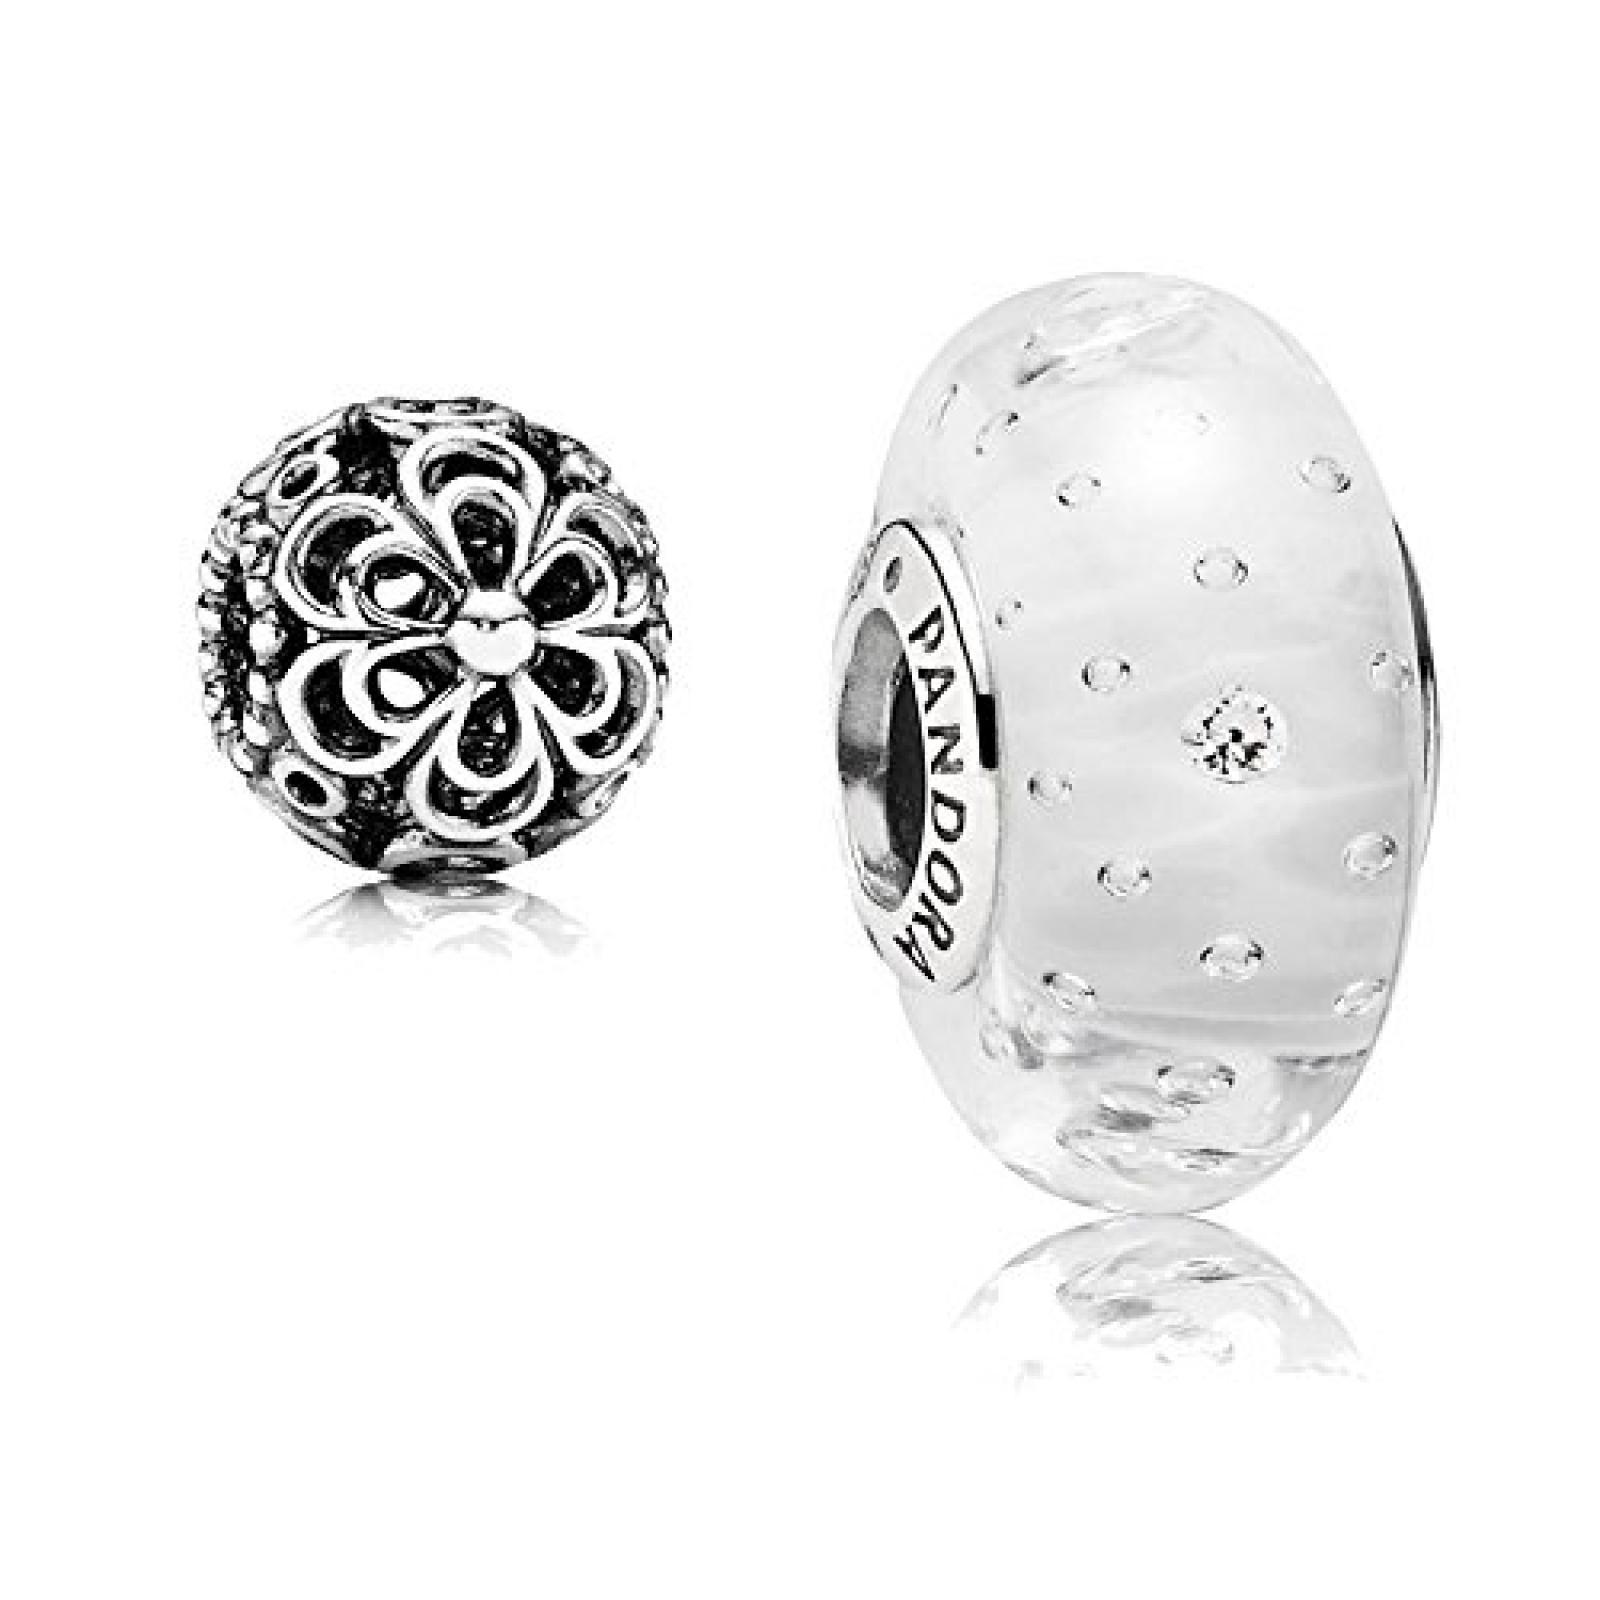 Original Pandora Geschenkset - 1 Silber Muranoglas Element Glitzer-Glas Weiß mit klarem Zirkonia 791617CZ und 1 Filigranes Silber Element Durchbrochene Apfelblüte 790965